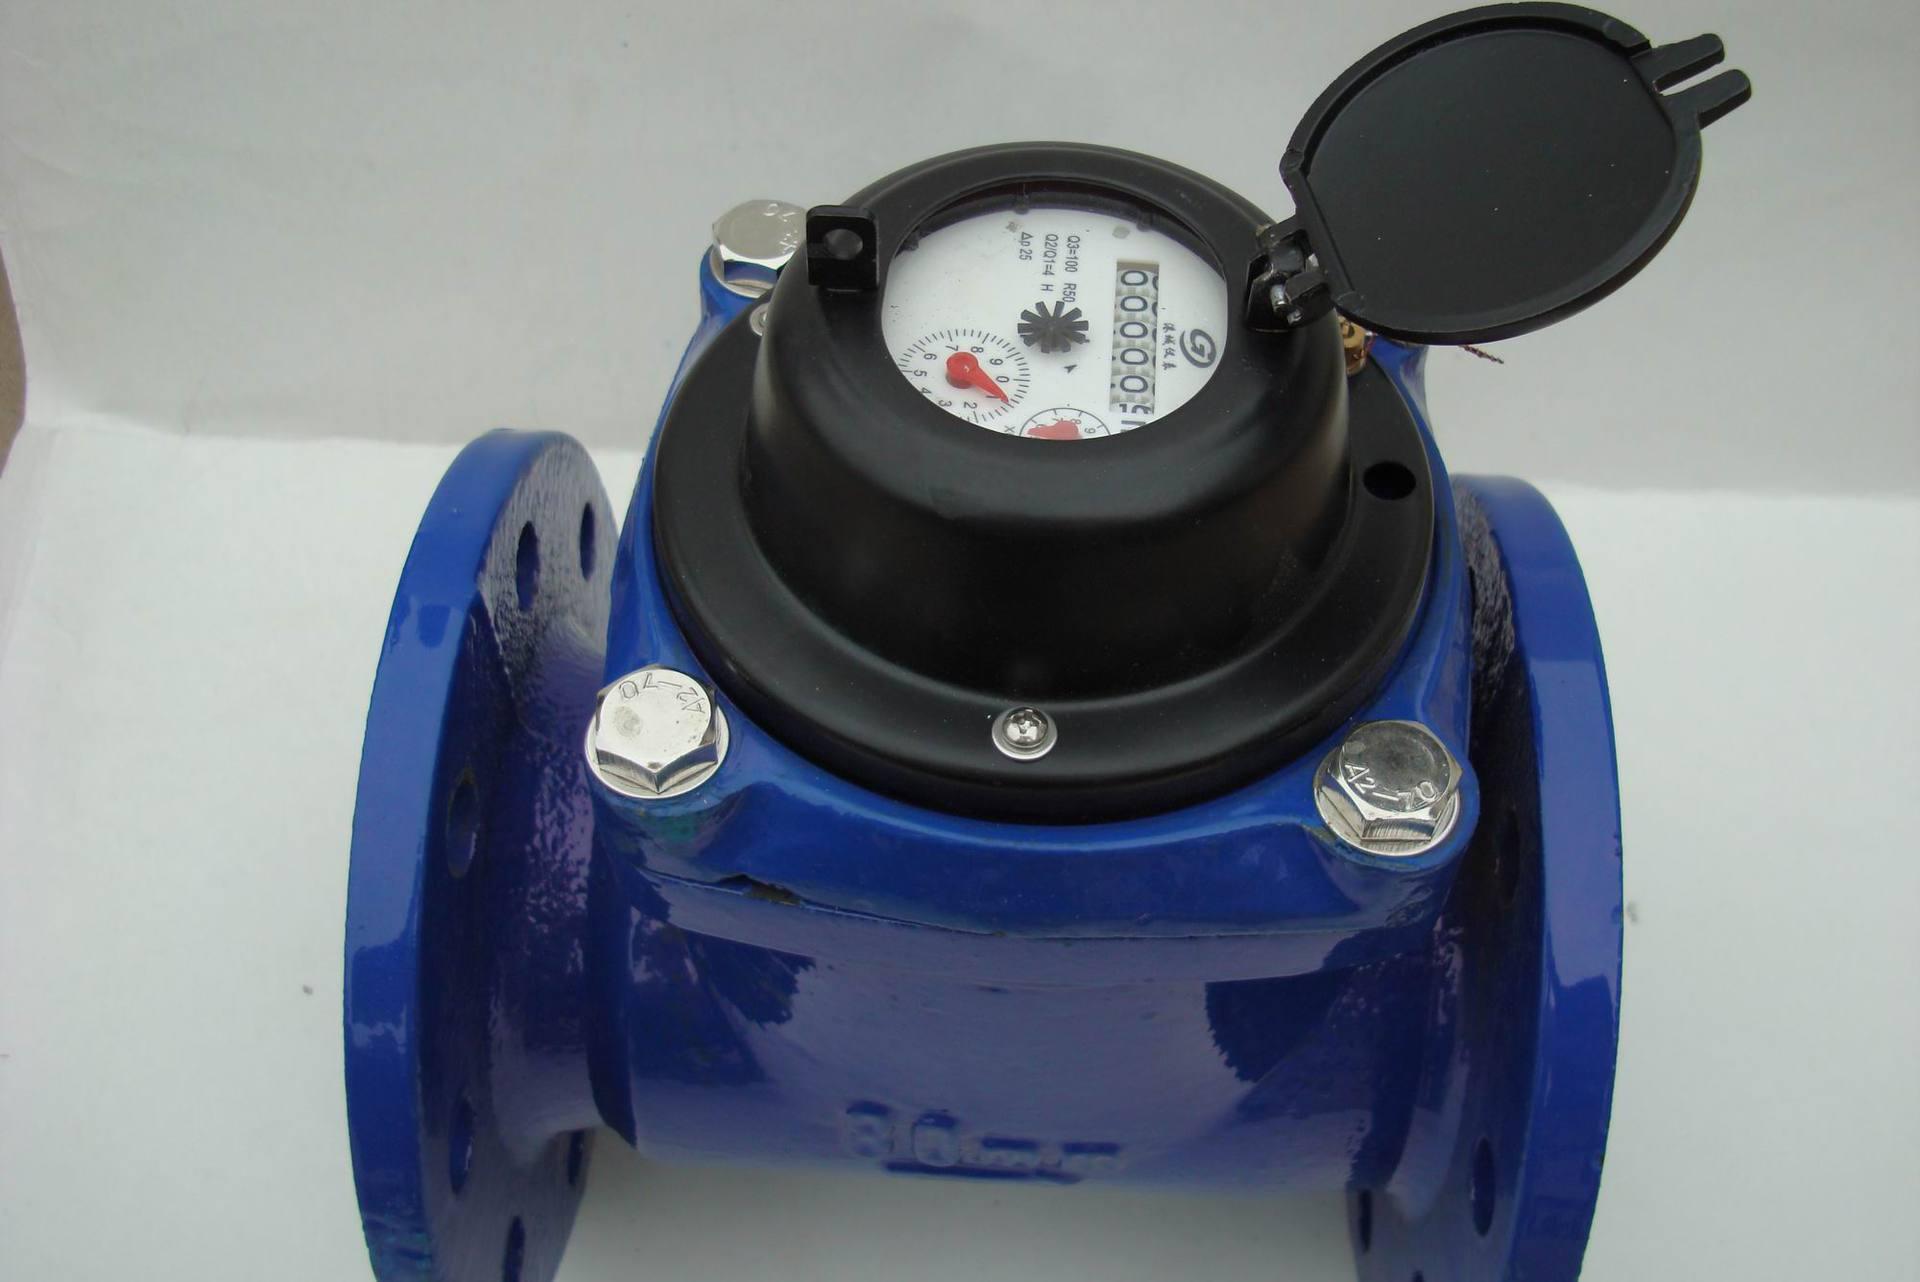 工业用法兰水表 lxlg-80水平螺翼式水表 可拆卸干式水表 3寸图片